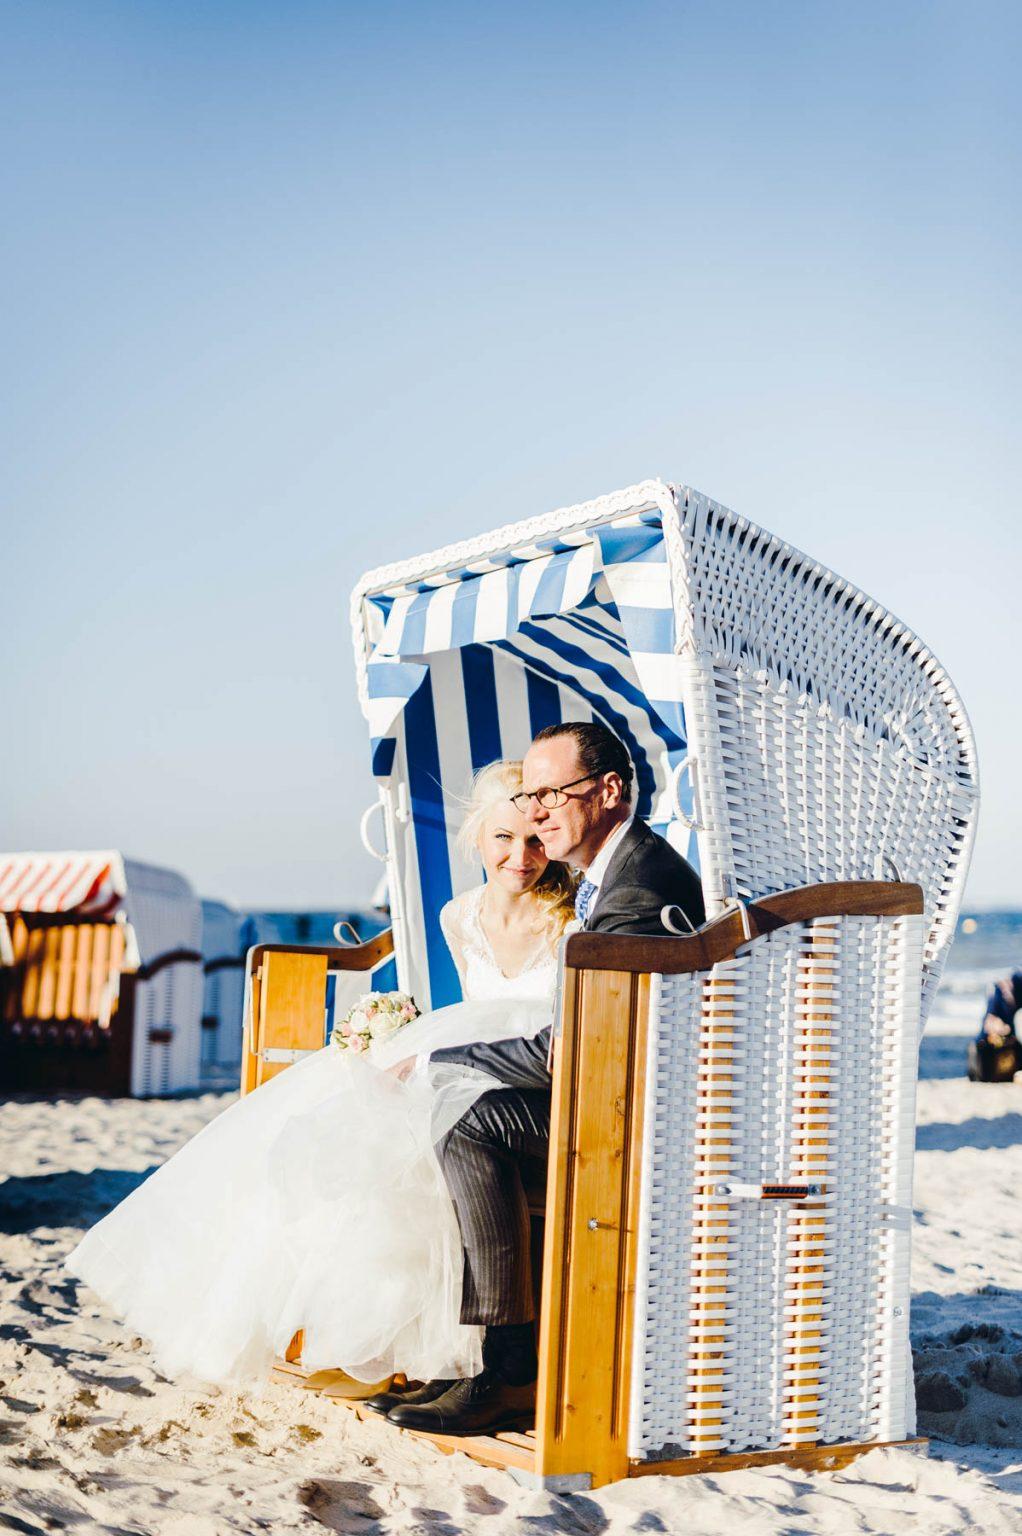 Hochzeitsportrait im Strandkorb